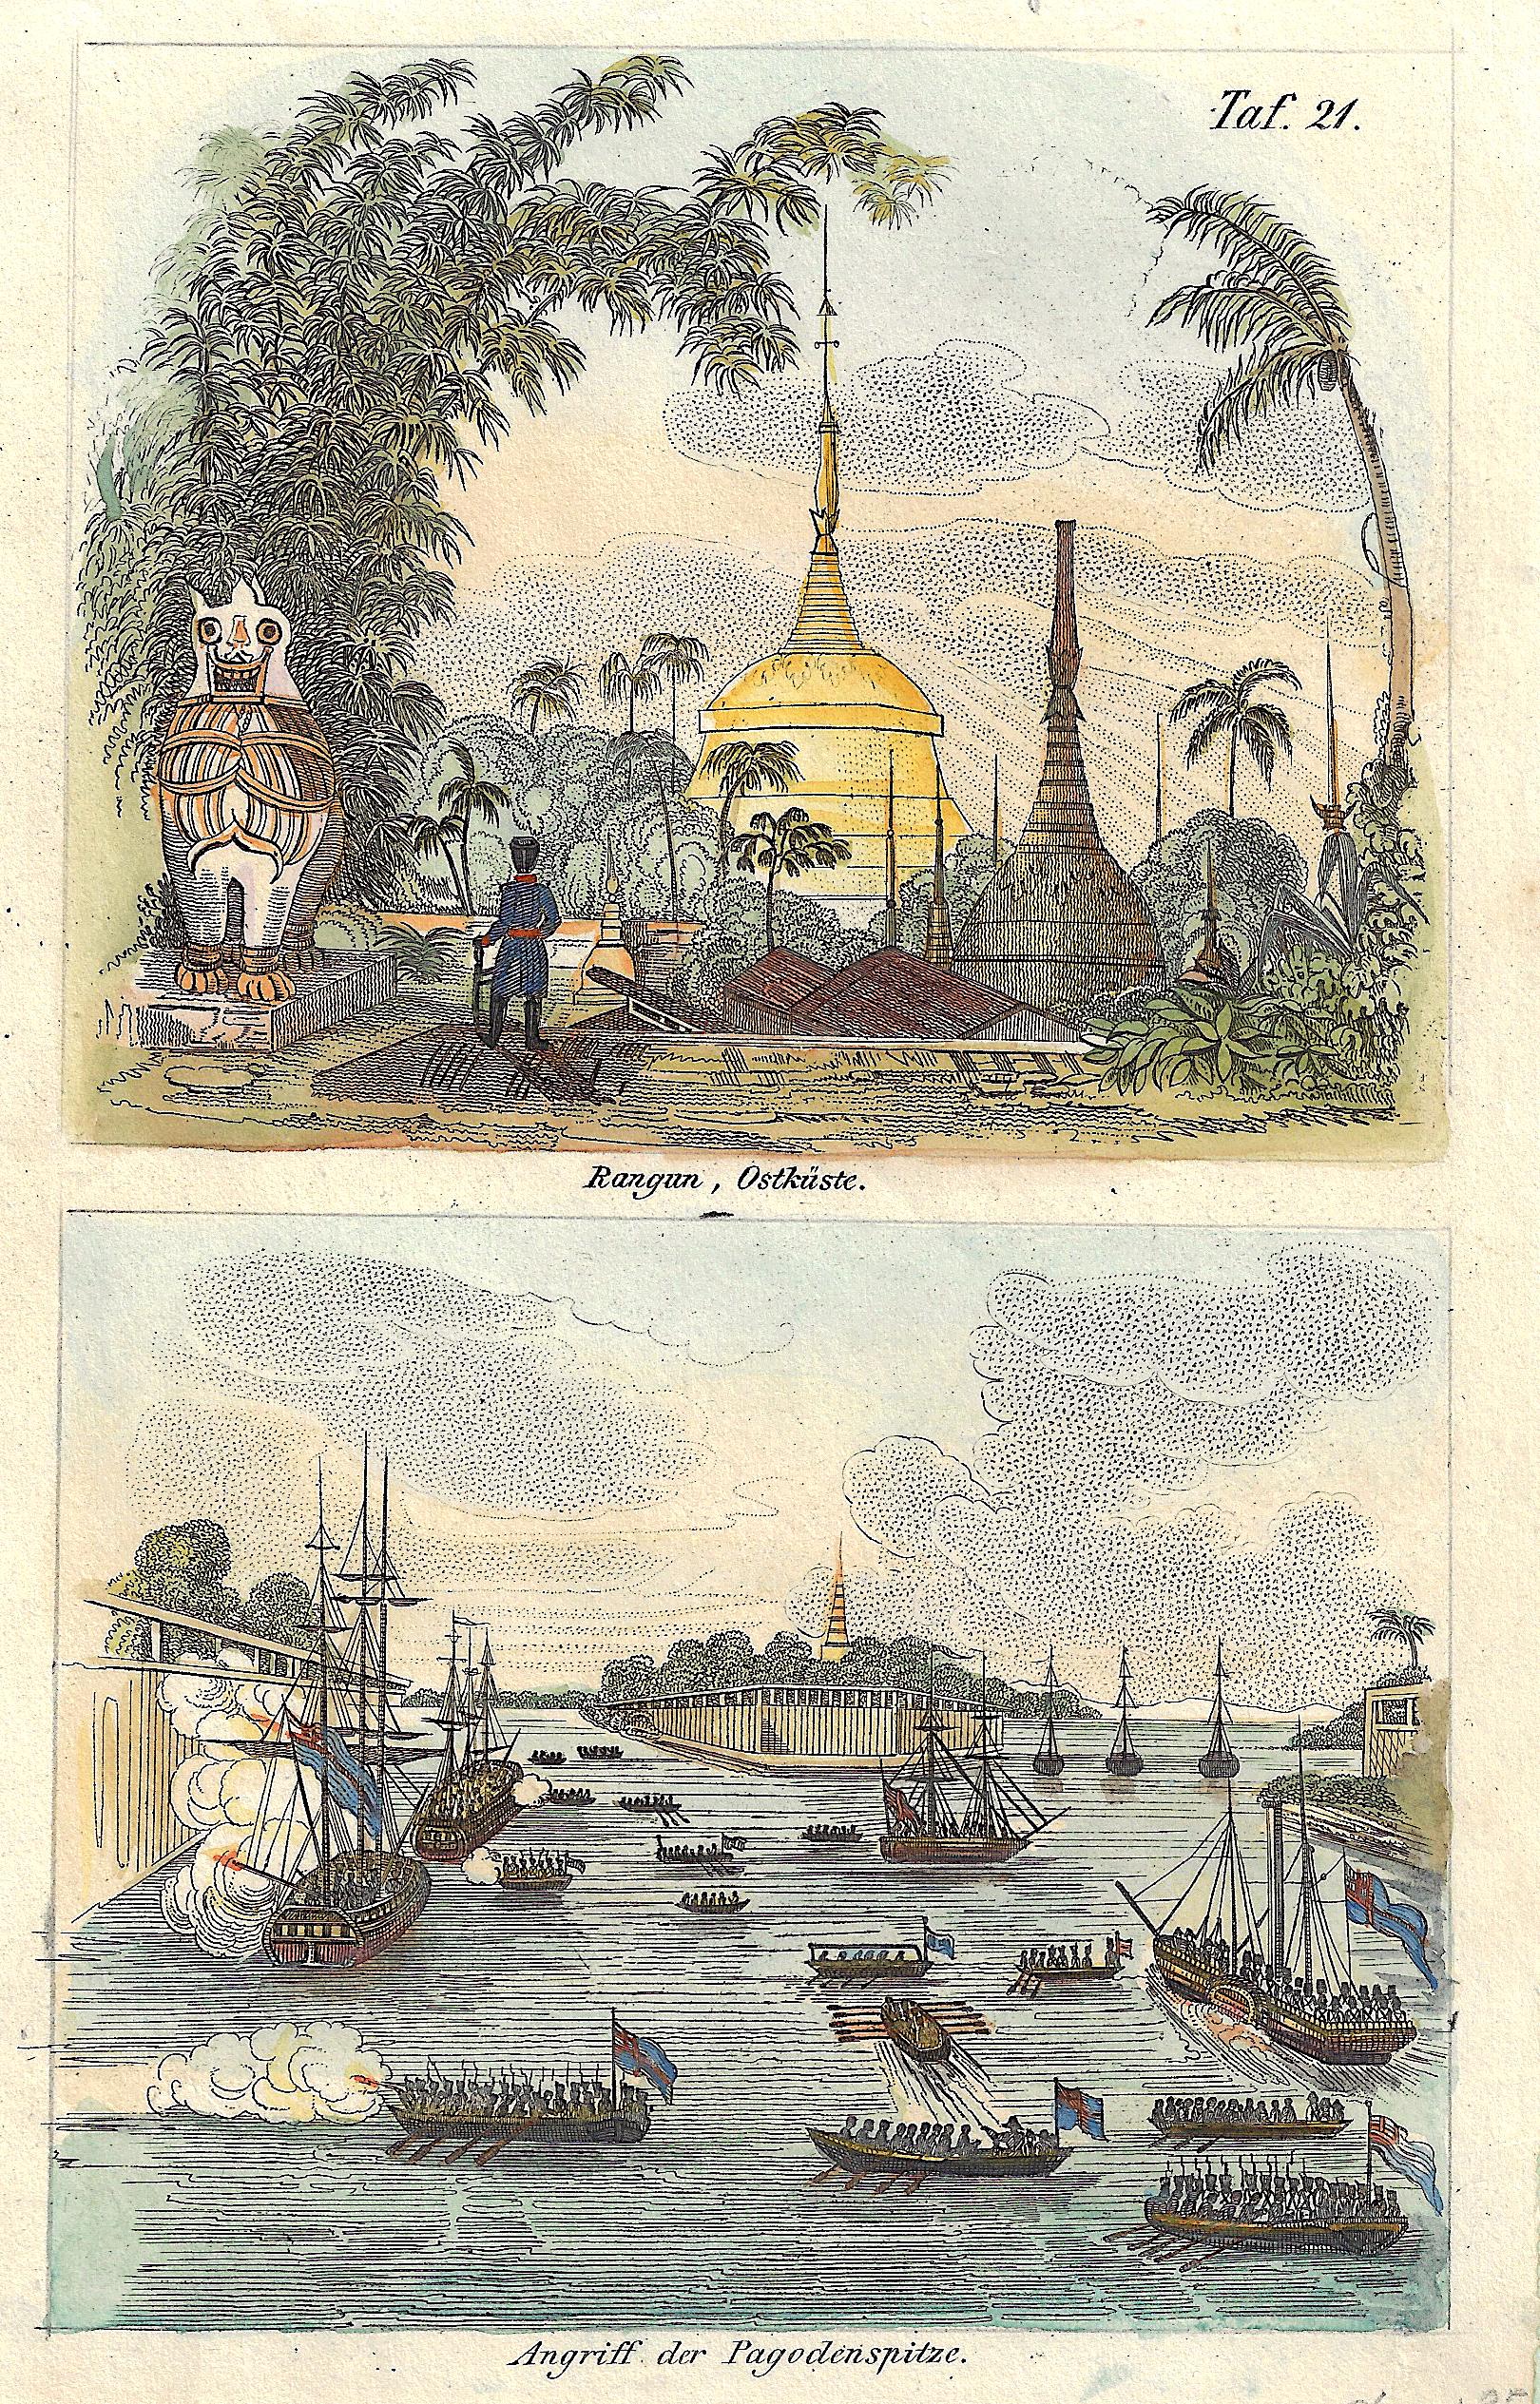 Anonymus  Rangun, Ostküste. / Angriff der Pagodenspitze.